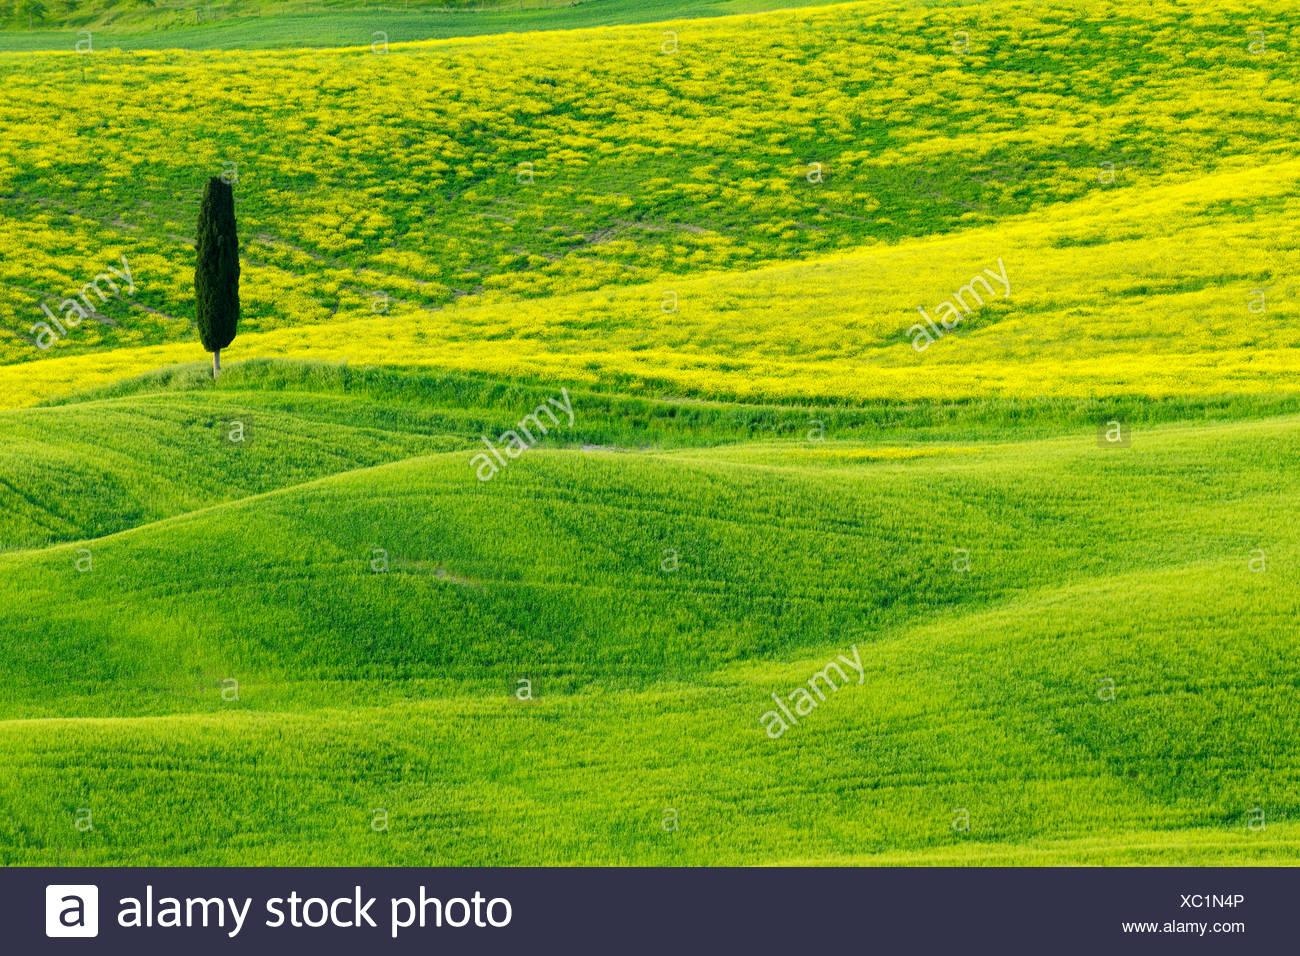 Italiano de Cipreses (Cupressus sempervirens), verdes y onduladas tierras de labranza con ciprés, Val d'Orcia, San Quirico d'Orcia, Italia, Toscana Imagen De Stock